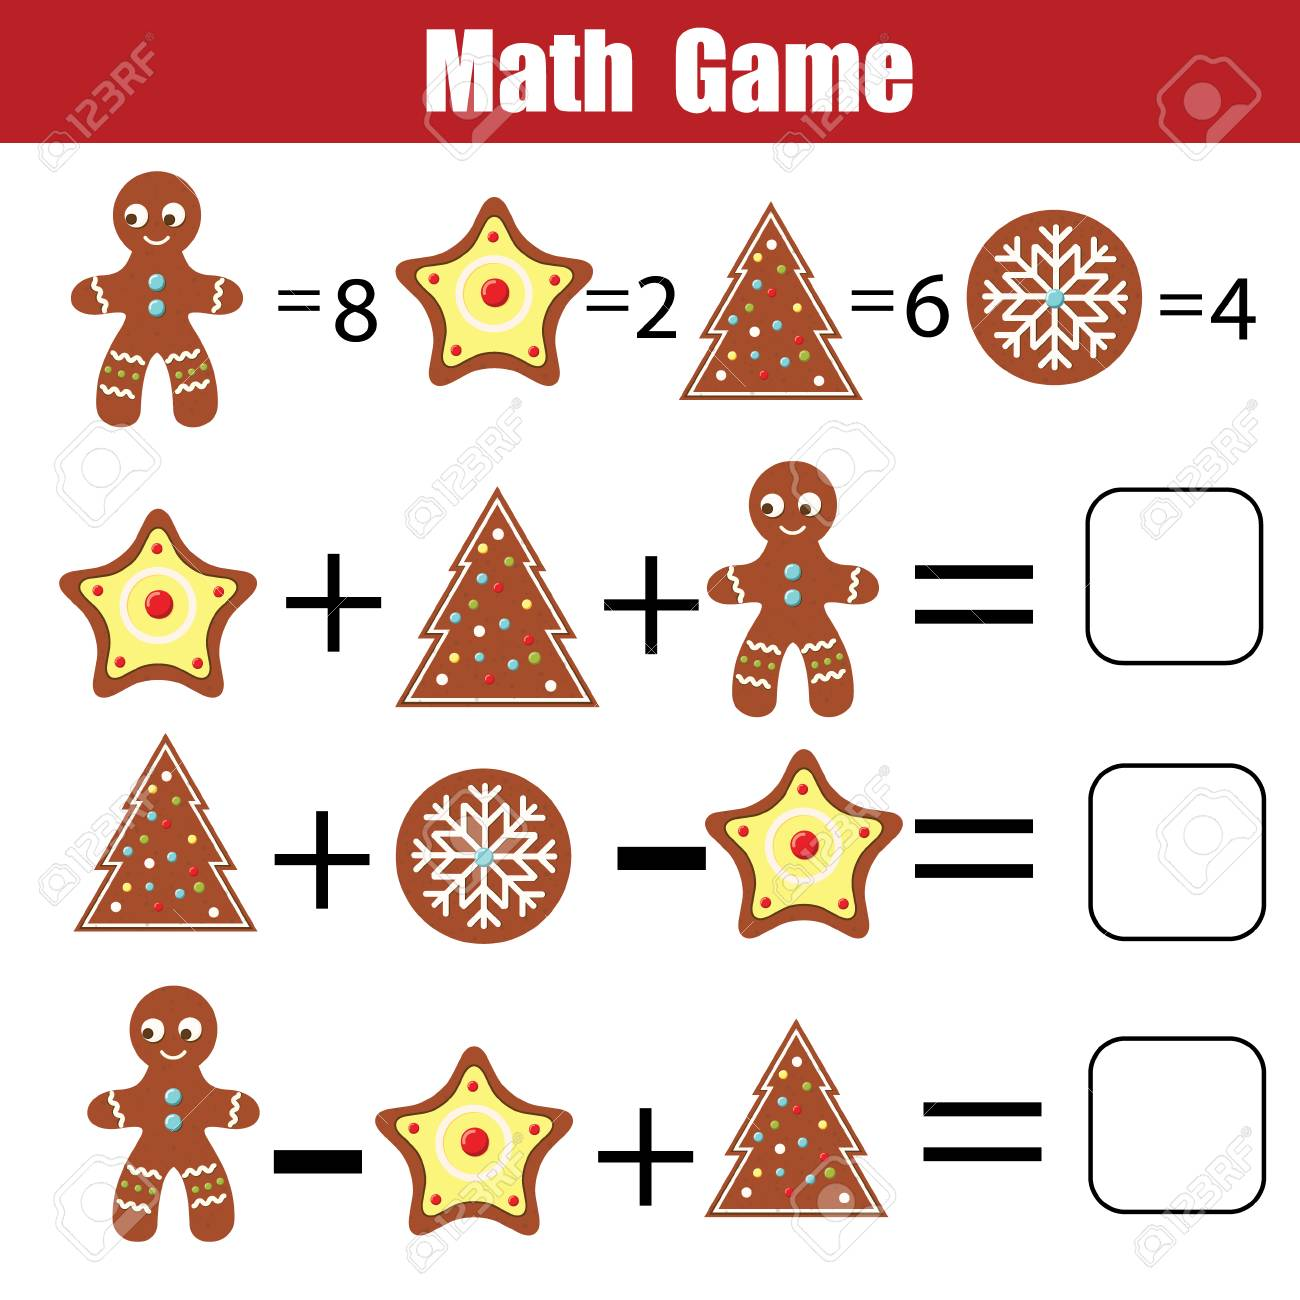 Juego Educativo Matemático Para Niños. Hoja De Cálculo De Ecuaciones ...